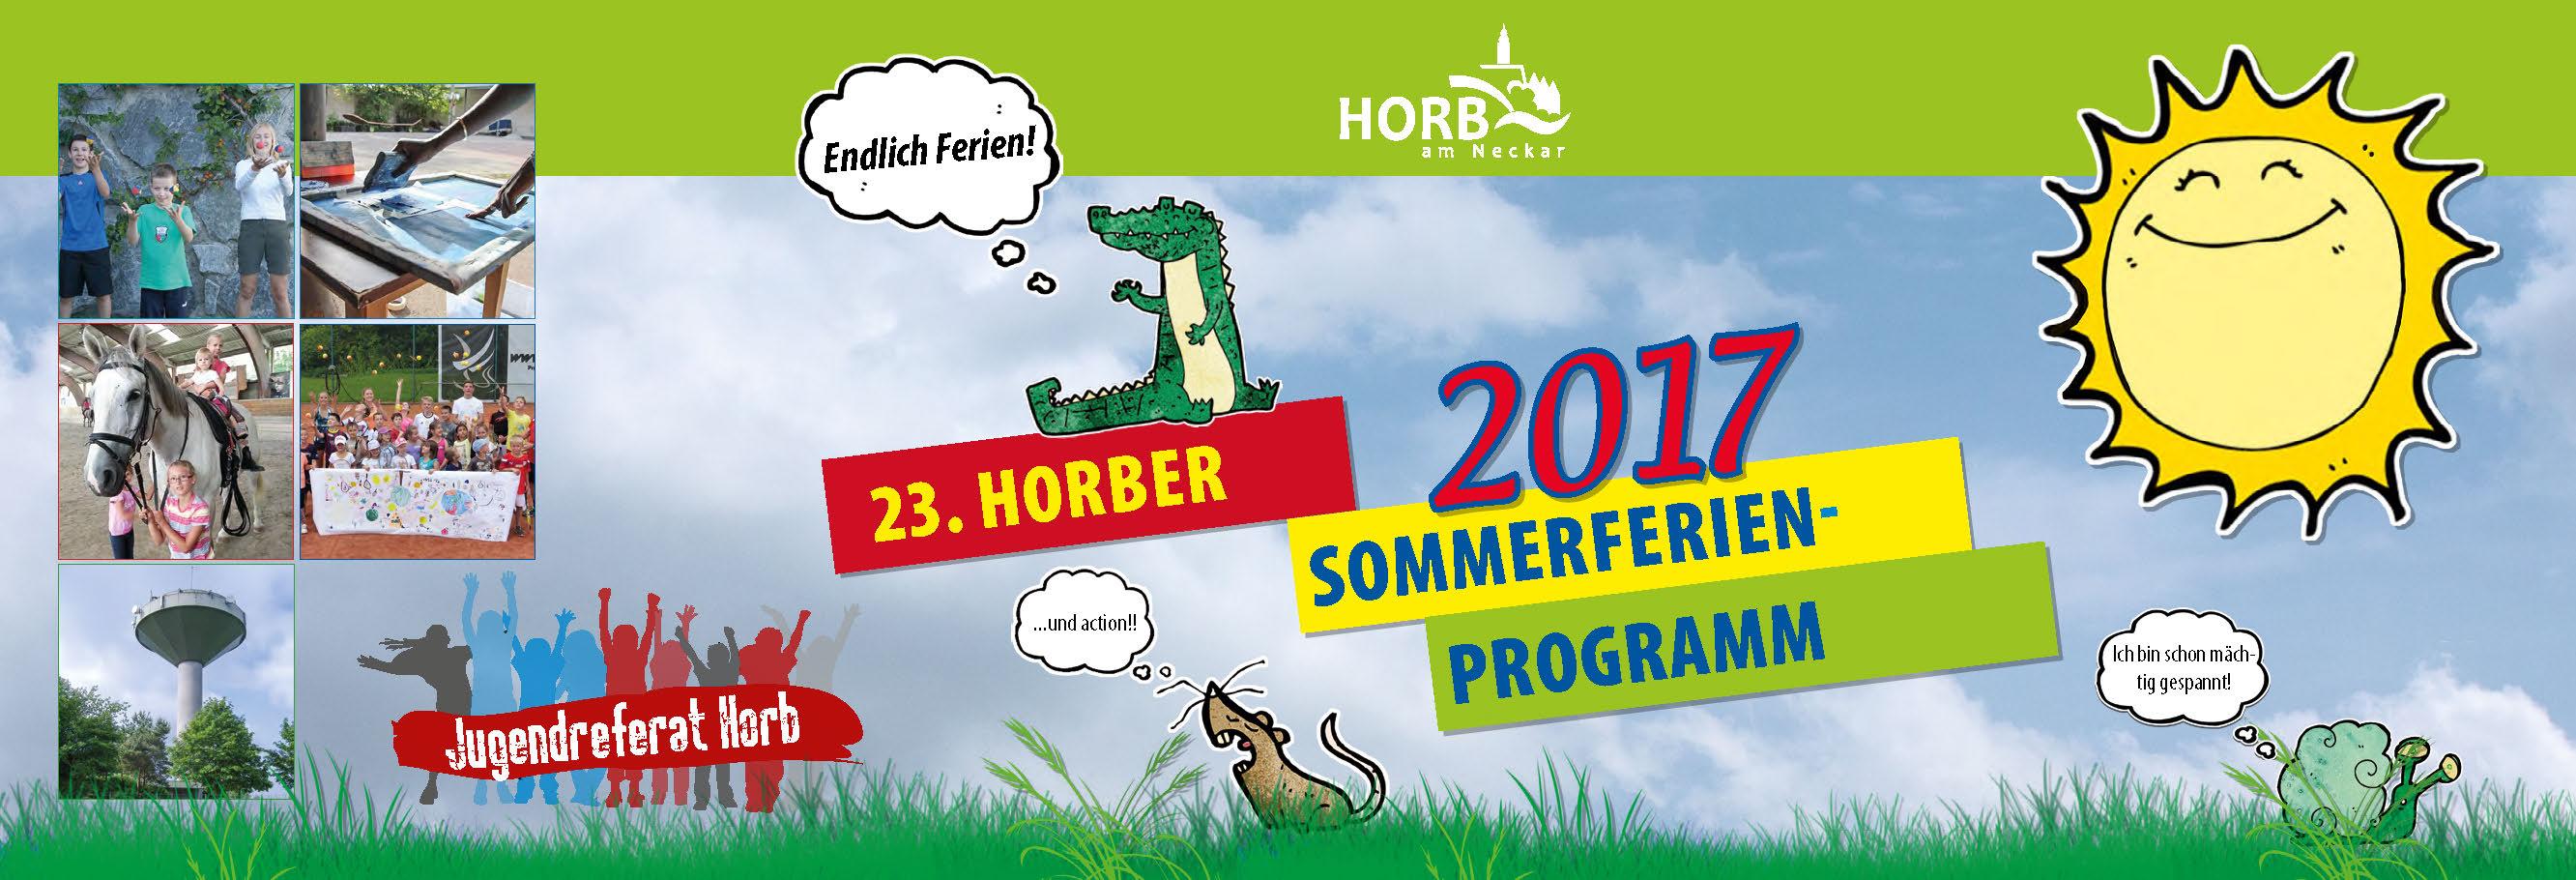 Sommerferienprogramm 2017 jetzt anmelden